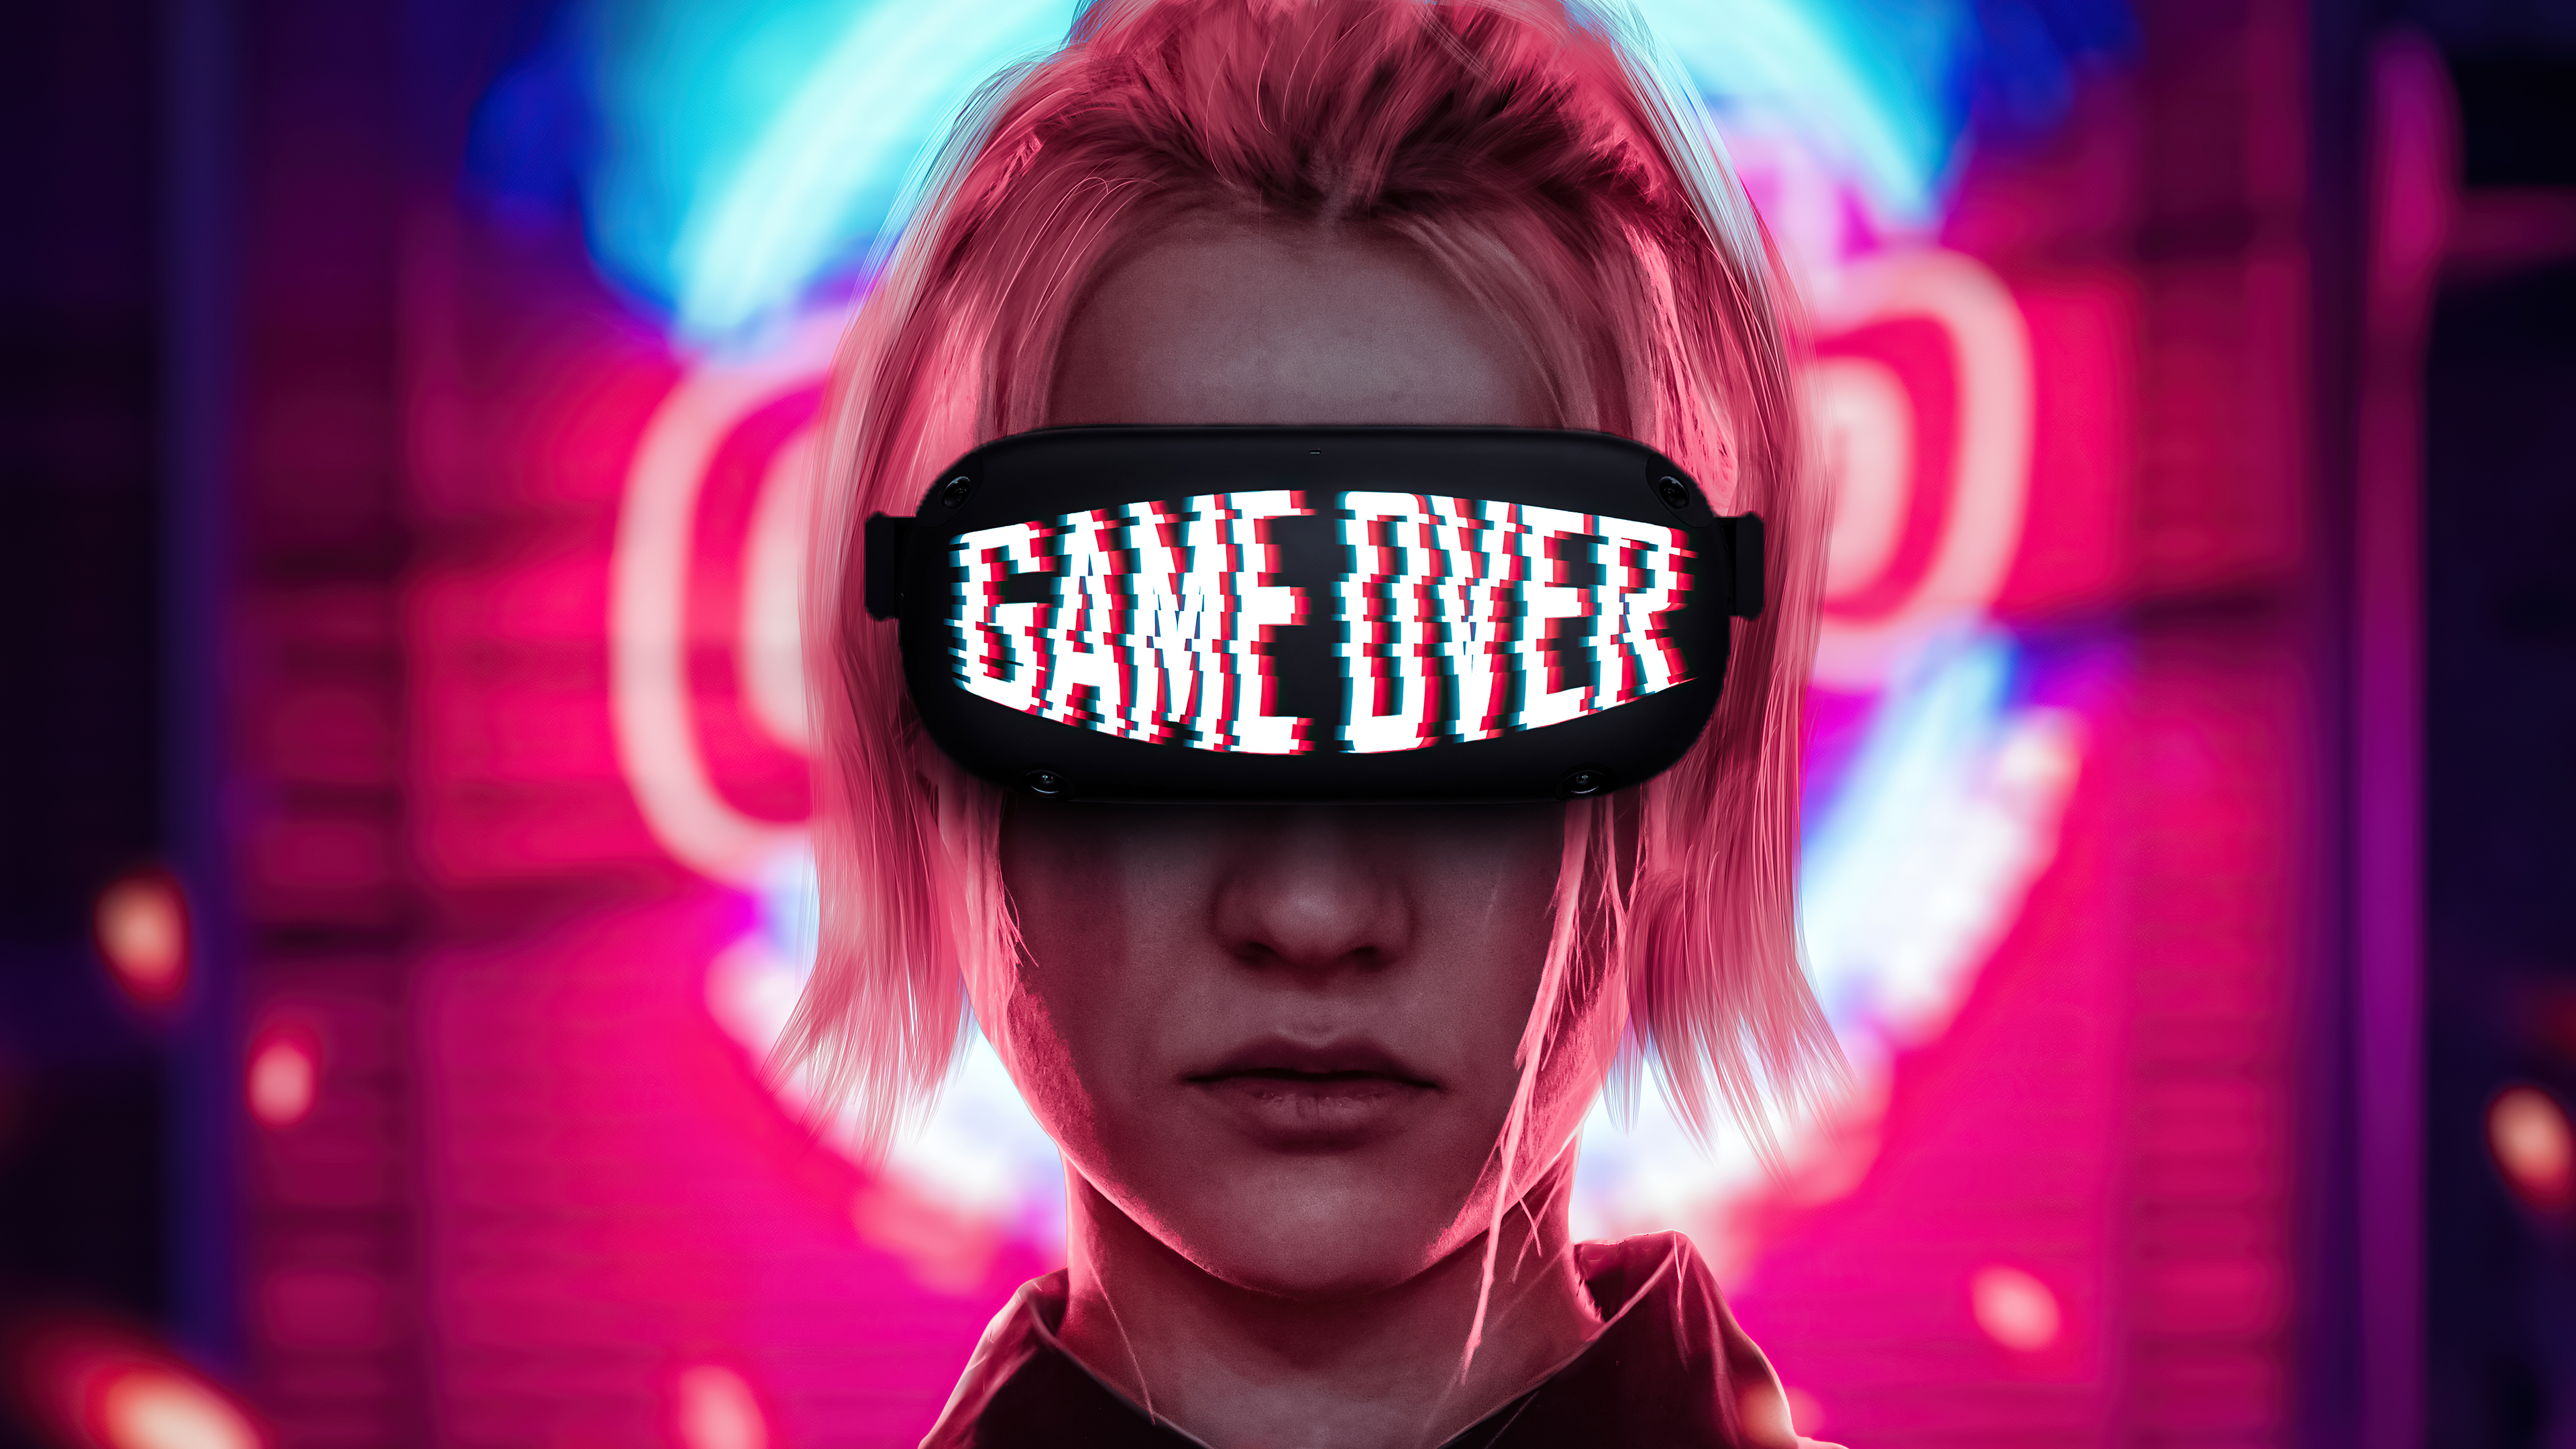 Fondos de pantalla Chica con lentes de Game Over